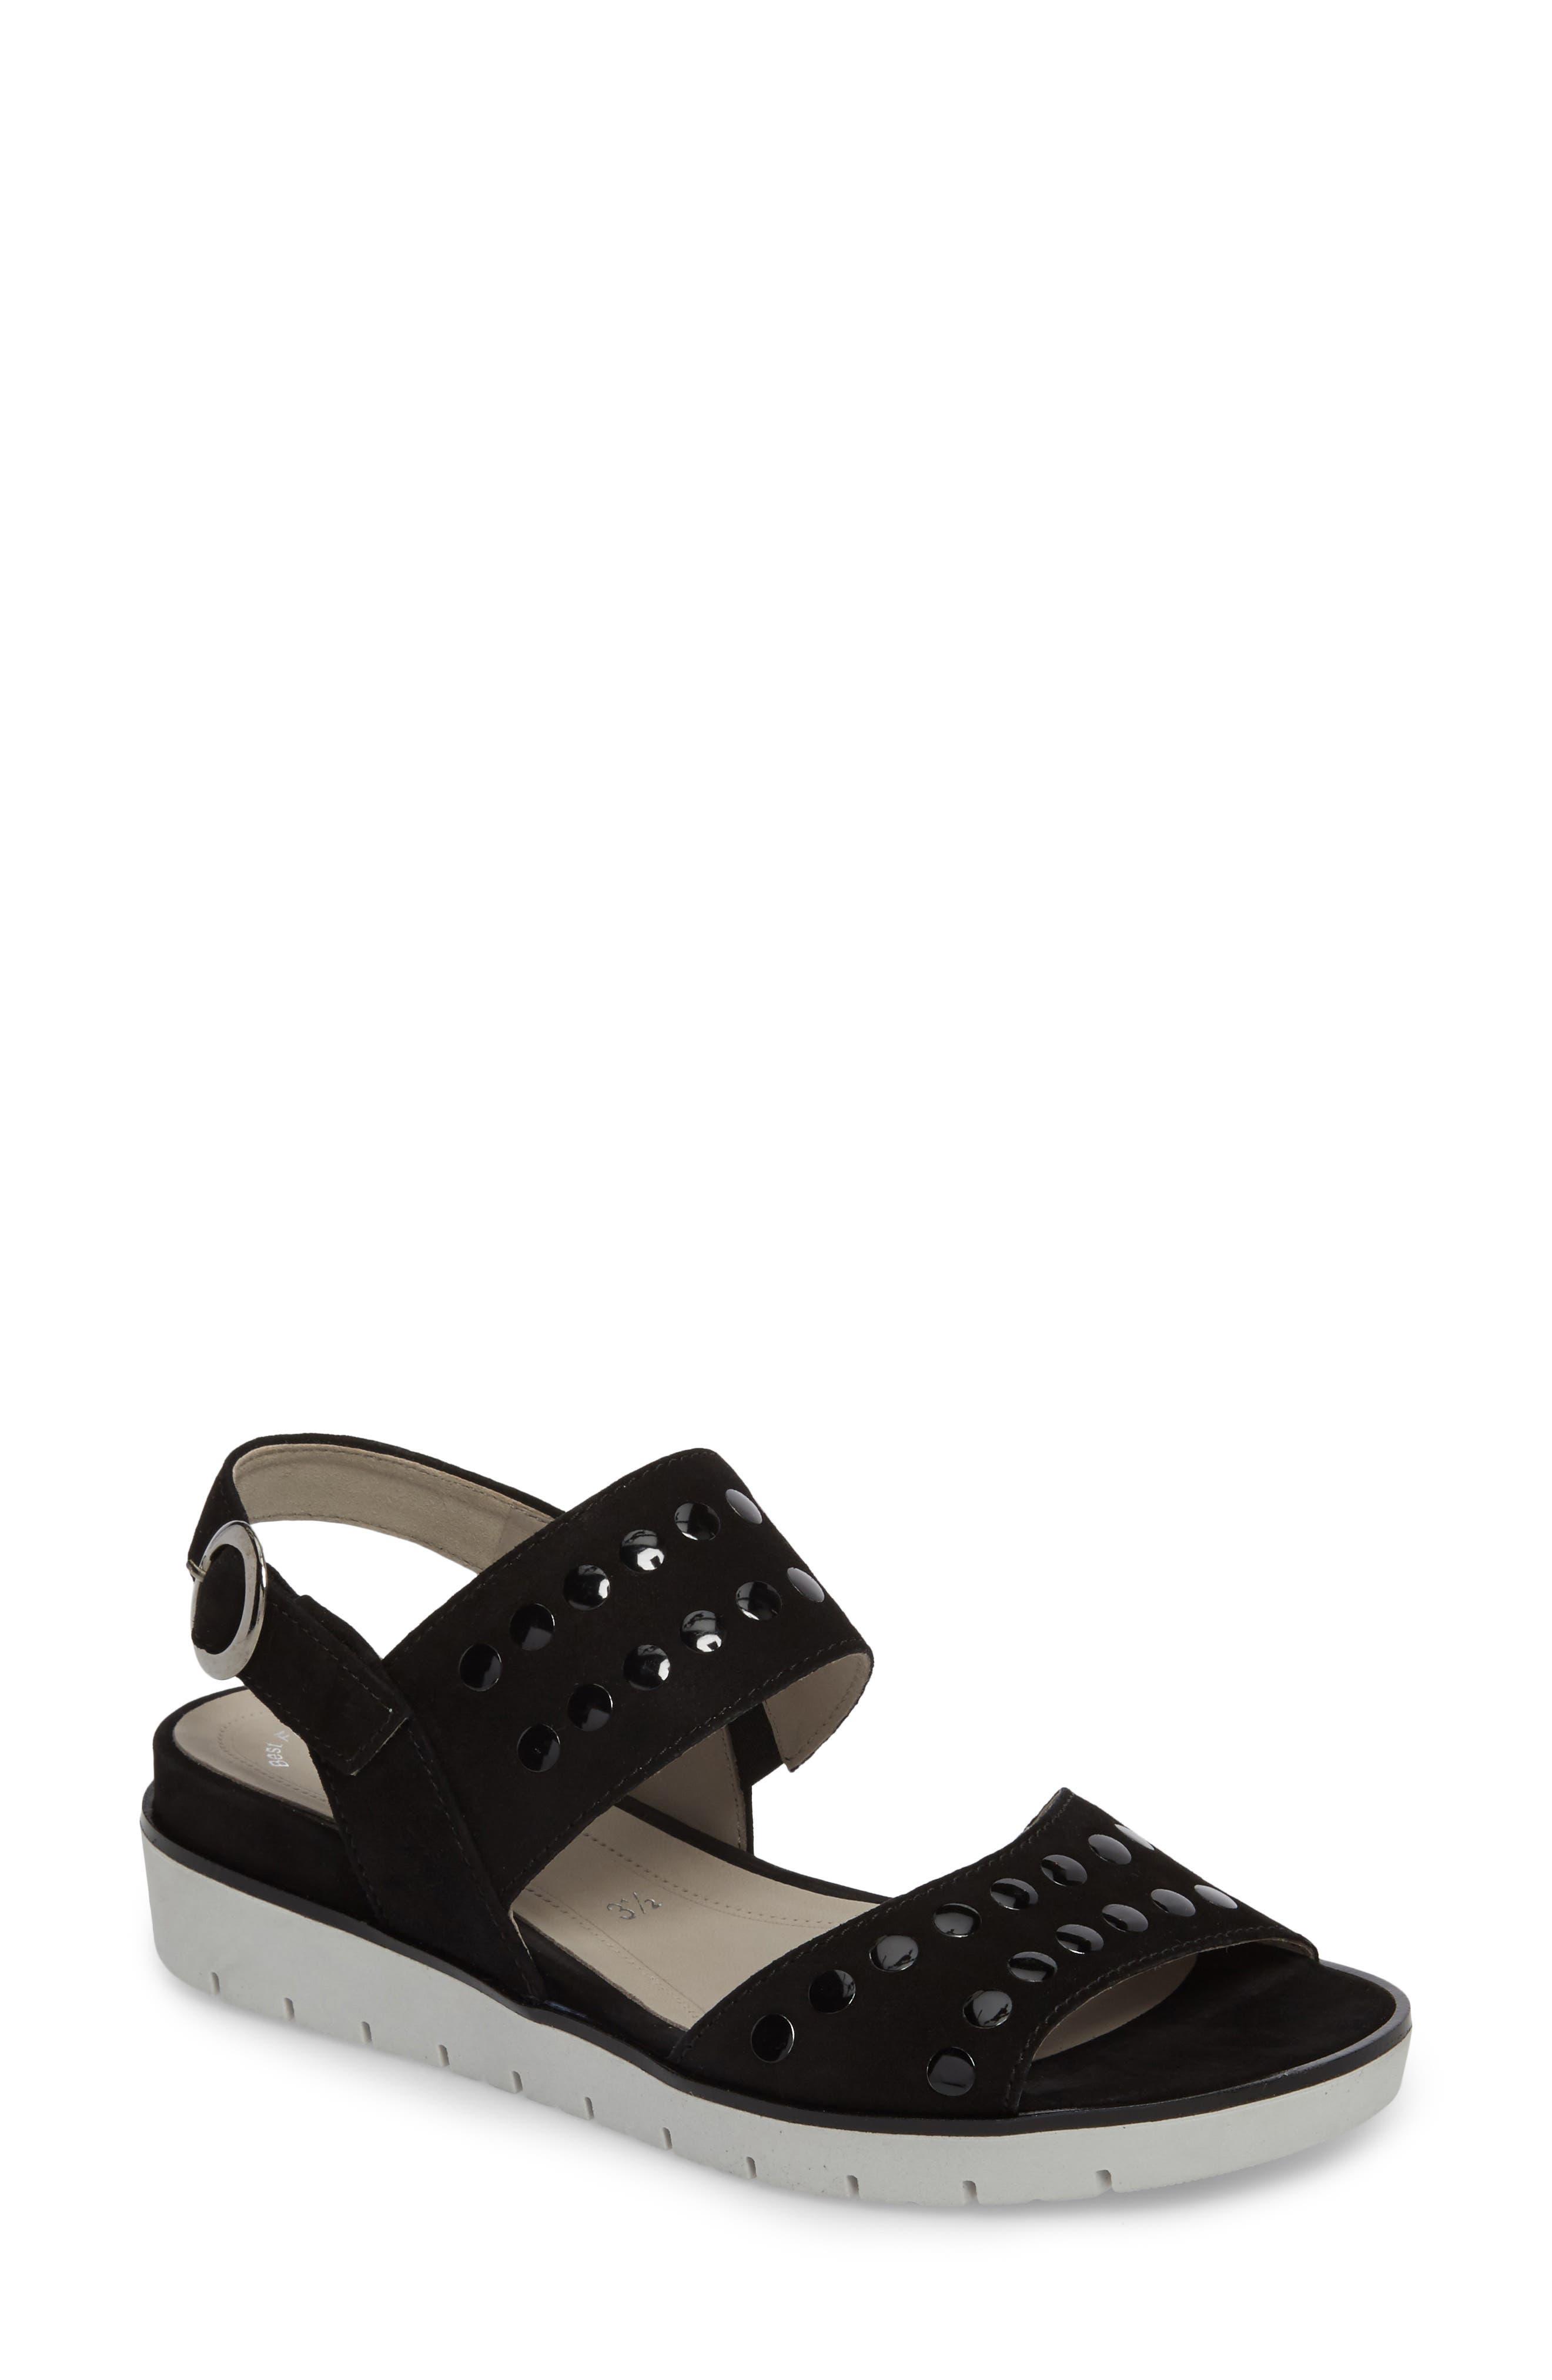 Alternate Image 1 Selected - Gabor Studded Sandal (Women)